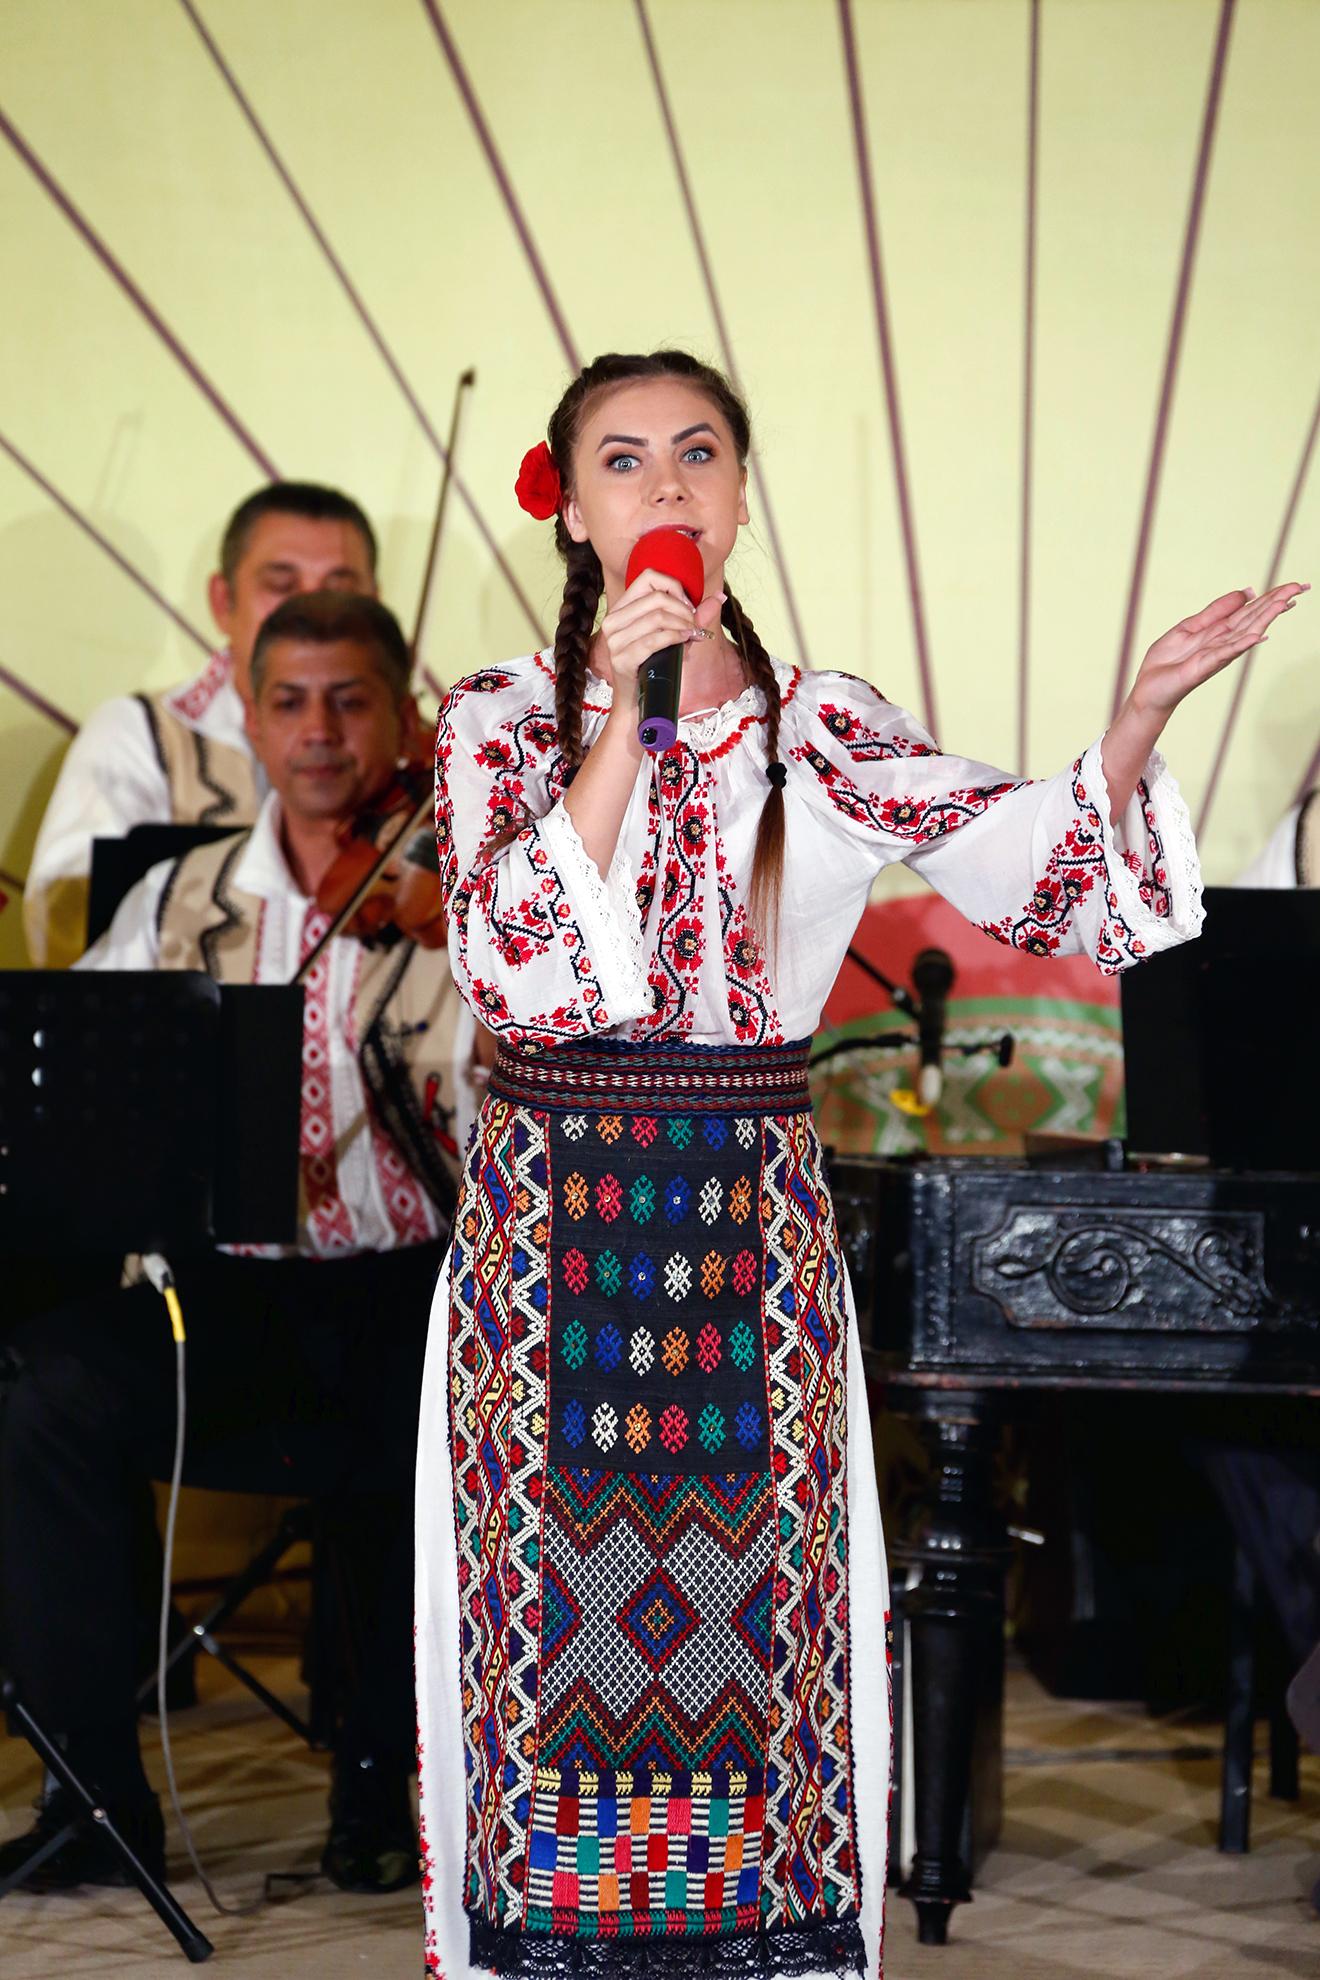 Mentiune - Laura Mariana Mocăniţă - Tulcea